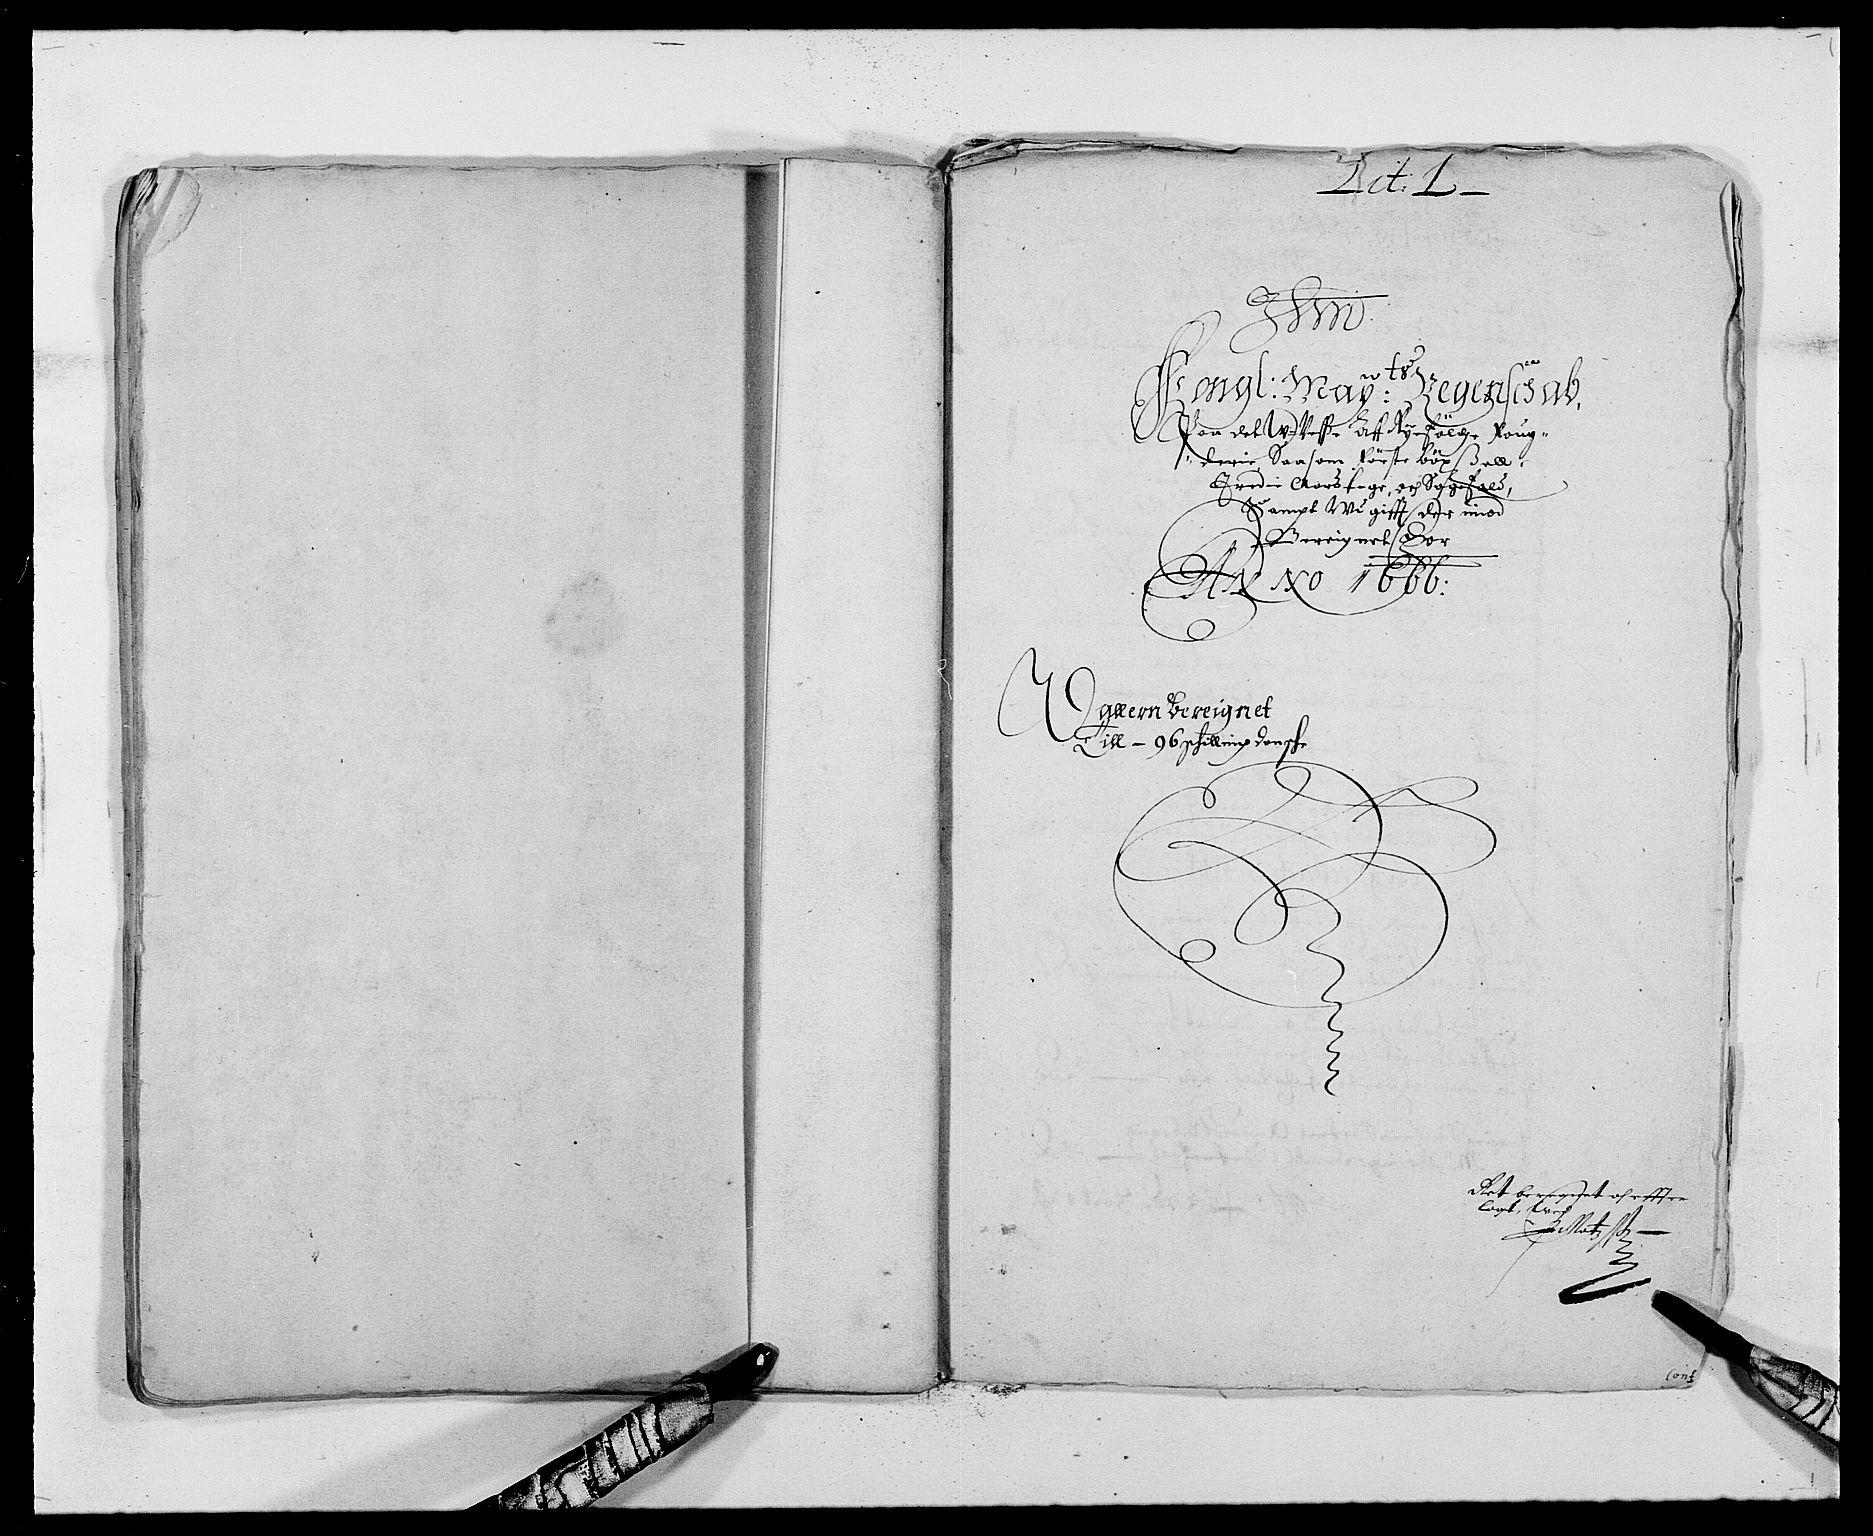 RA, Rentekammeret inntil 1814, Reviderte regnskaper, Fogderegnskap, R47/L2840: Fogderegnskap Ryfylke, 1665-1669, s. 223